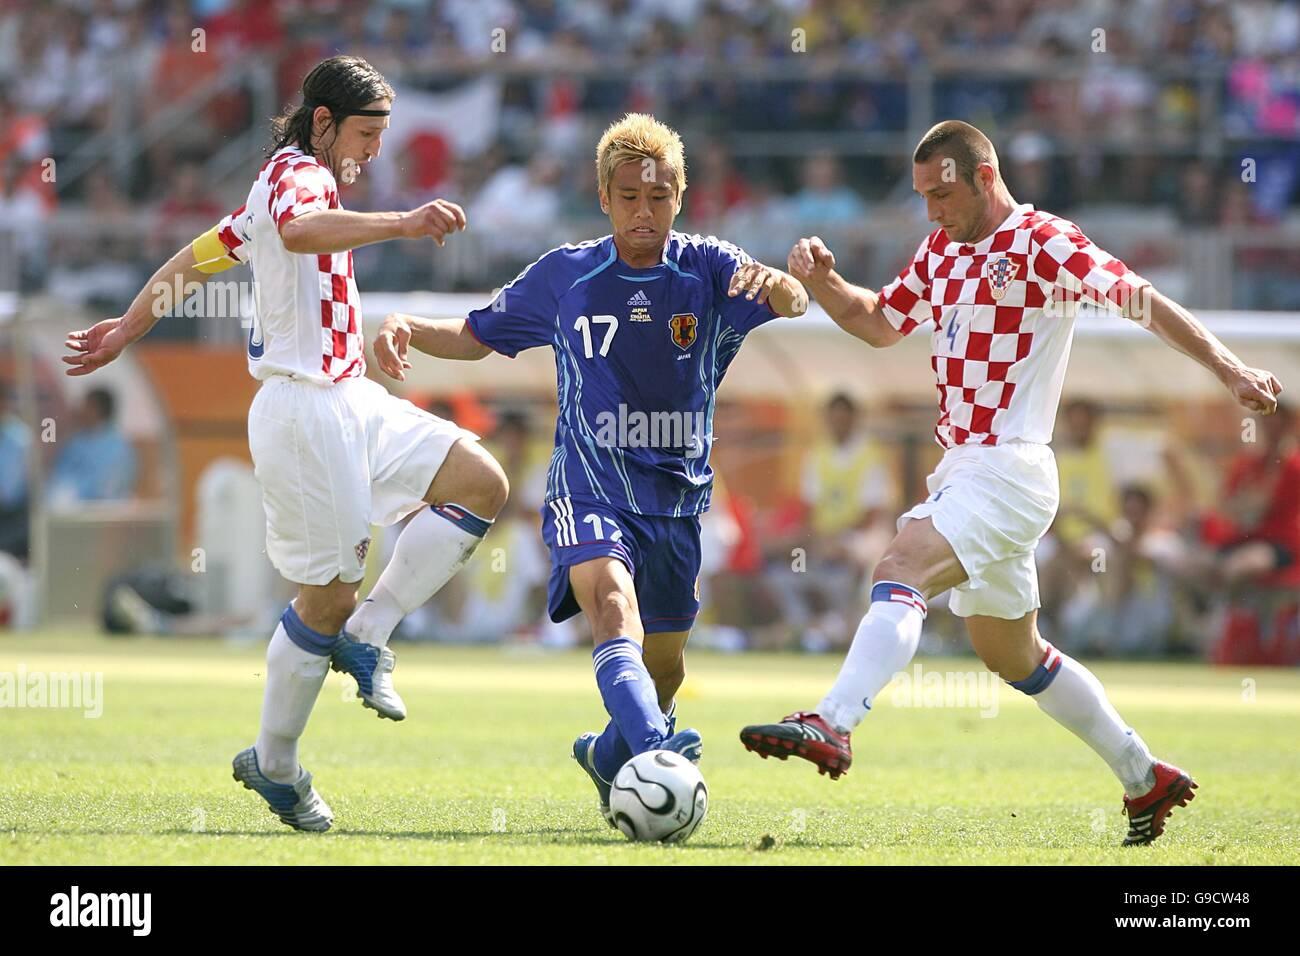 Football coupe du monde de la fifa 2006 groupe f japon v croatie franken stadion banque - Coupe du monde de football 2006 ...